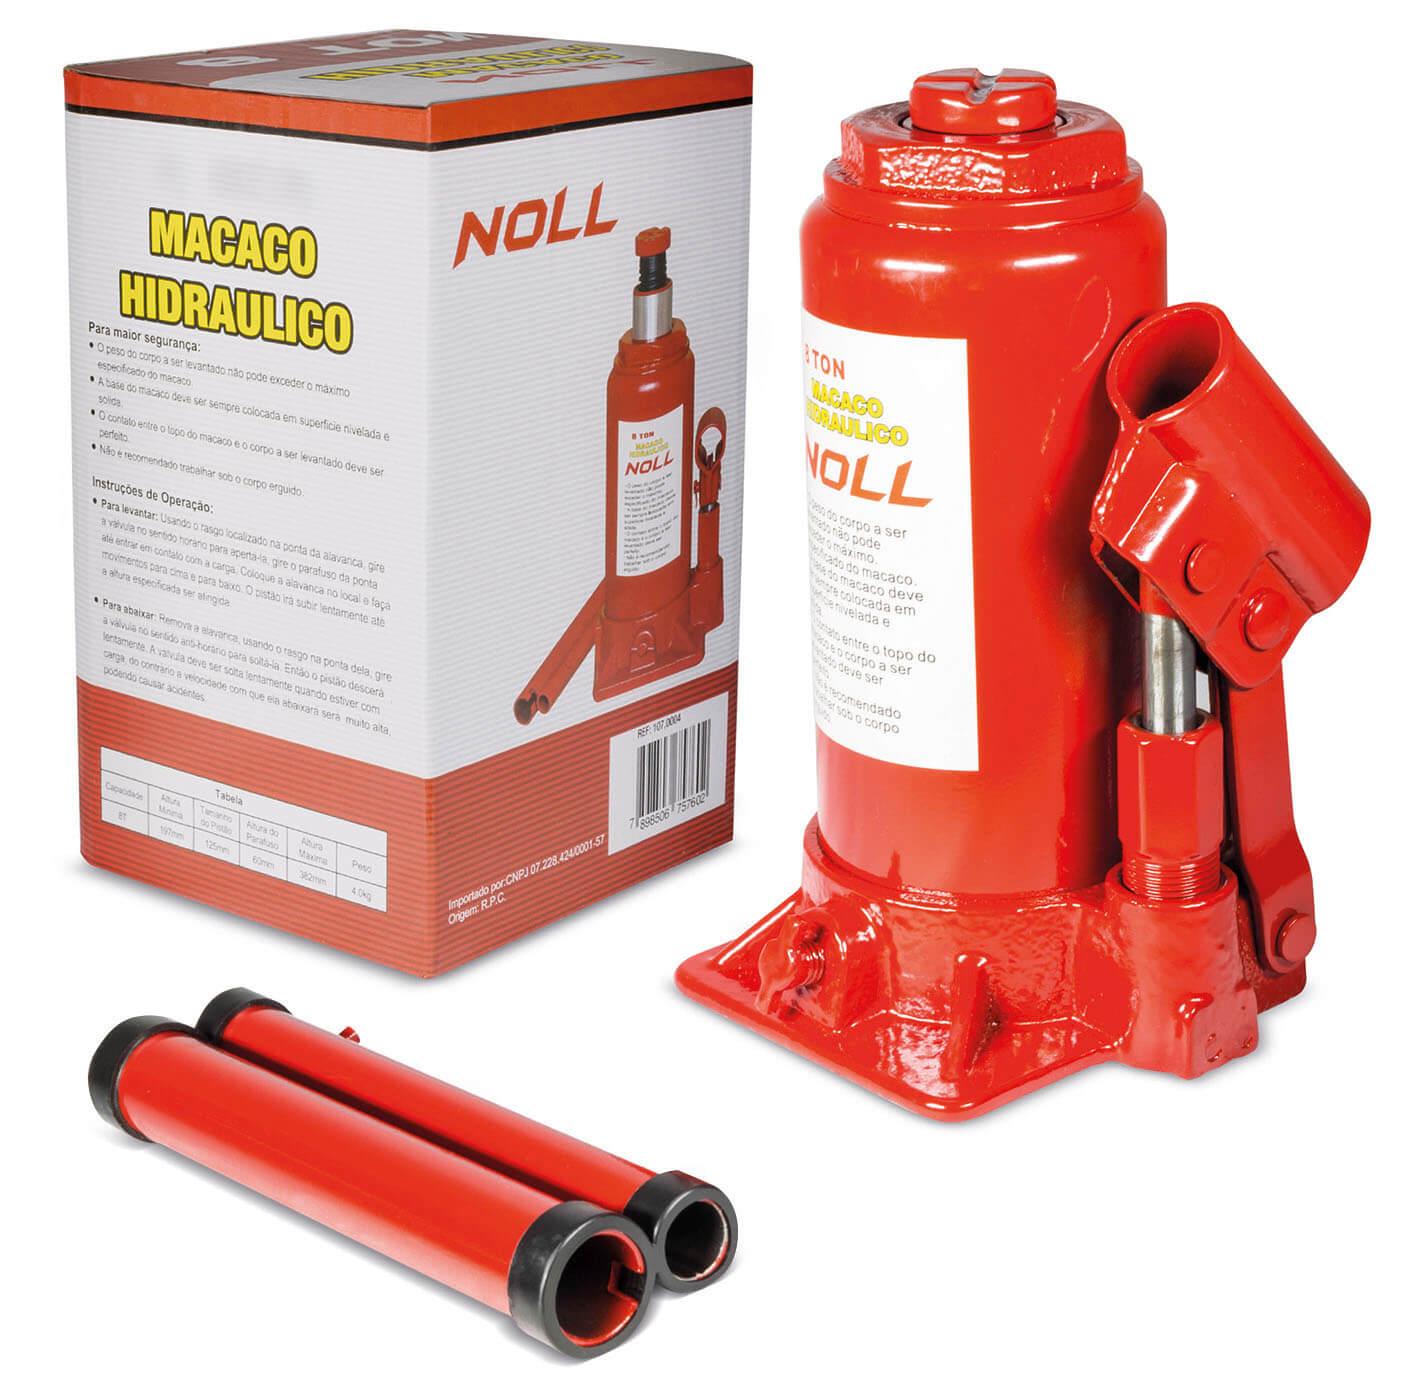 Macaco hidráulico tipo garrafa 4 toneladas - Noll